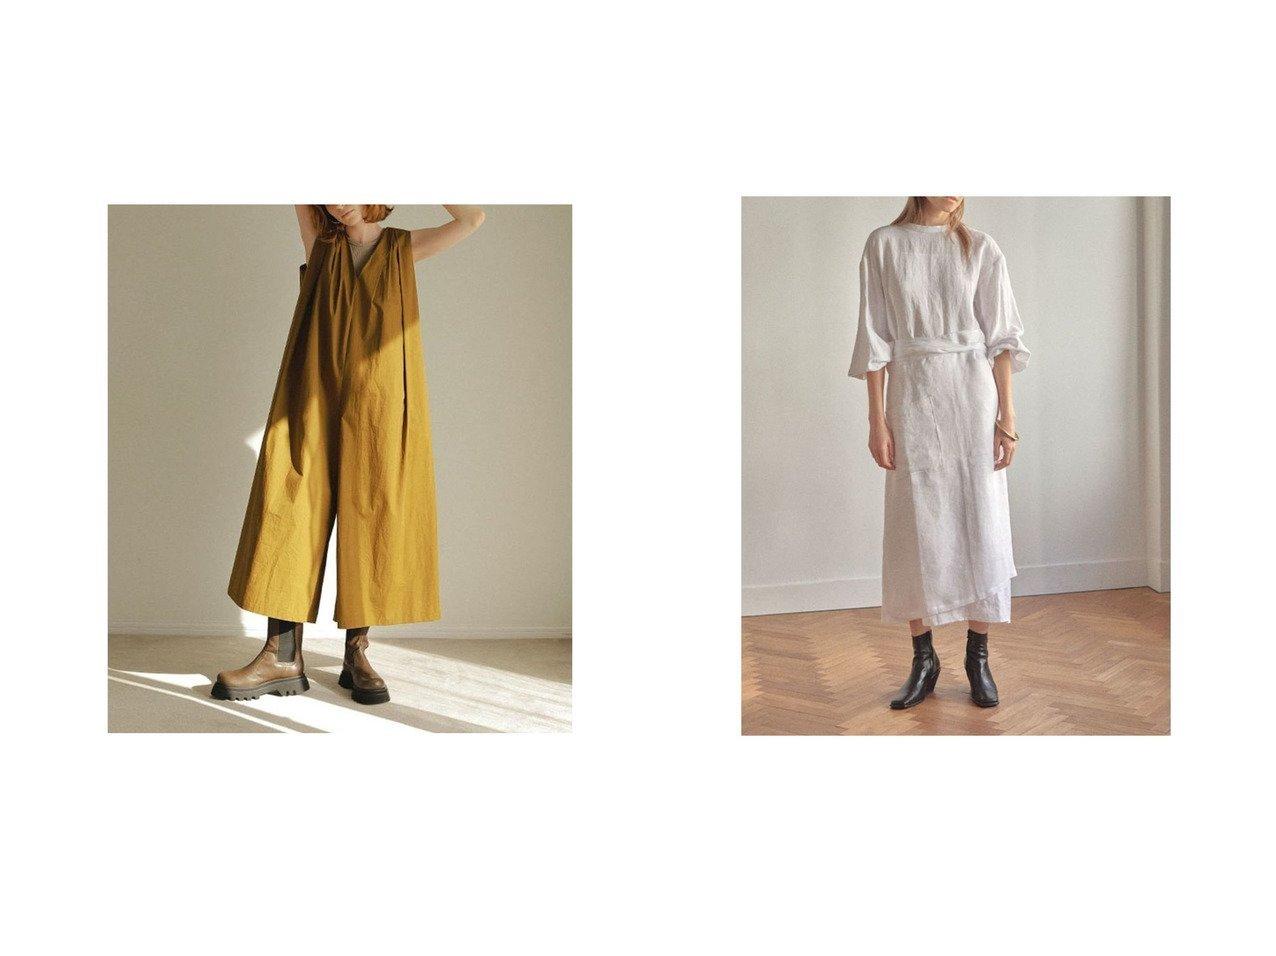 【ETRE TOKYO/エトレトウキョウ】のタックテントオールインワン&スタンドネックエプロンワンピース 【ワンピース・ドレス】おすすめ!人気、トレンド・レディースファッションの通販 おすすめで人気の流行・トレンド、ファッションの通販商品 インテリア・家具・メンズファッション・キッズファッション・レディースファッション・服の通販 founy(ファニー) https://founy.com/ ファッション Fashion レディースファッション WOMEN ワンピース Dress オールインワン ワンピース All In One Dress NEW・新作・新着・新入荷 New Arrivals A/W・秋冬 AW・Autumn/Winter・FW・Fall-Winter S/S・春夏 SS・Spring/Summer スニーカー タンク タートルネック バランス フォルム フォーマル フレア ヘムライン 春 Spring シンプル スリット フェミニン ロング  ID:crp329100000041751